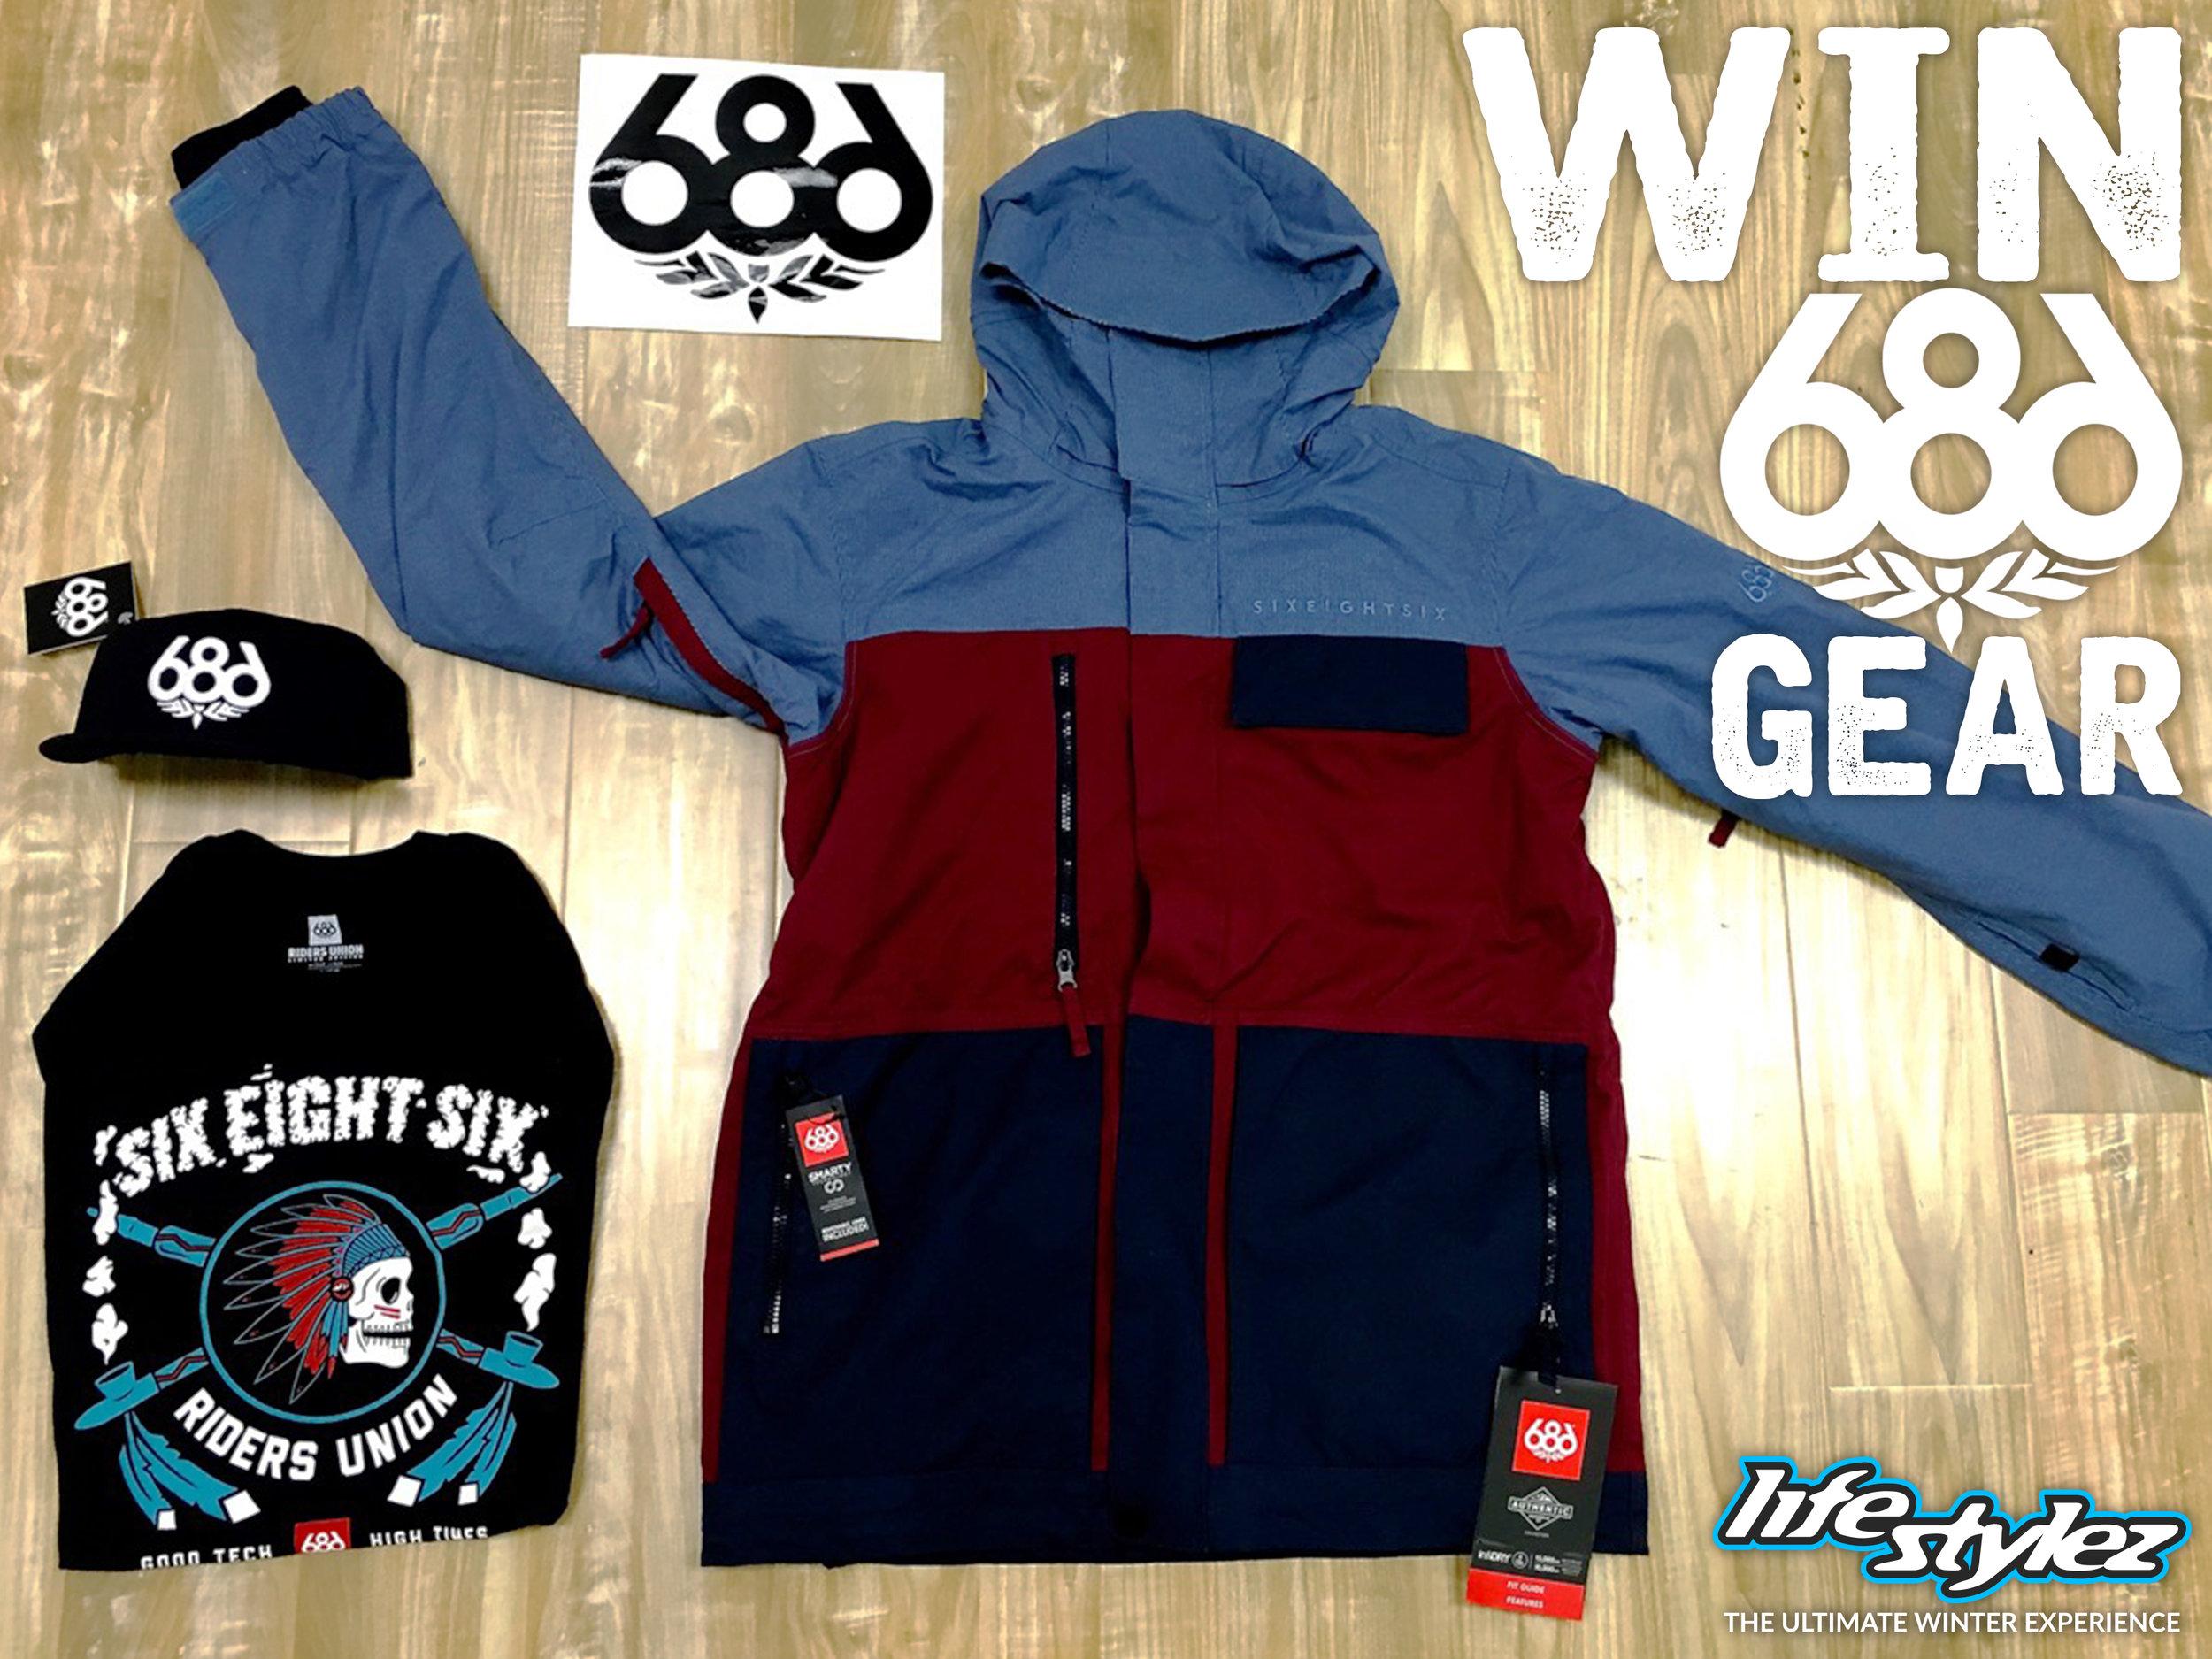 686 Facebook sponsor swag giveaway